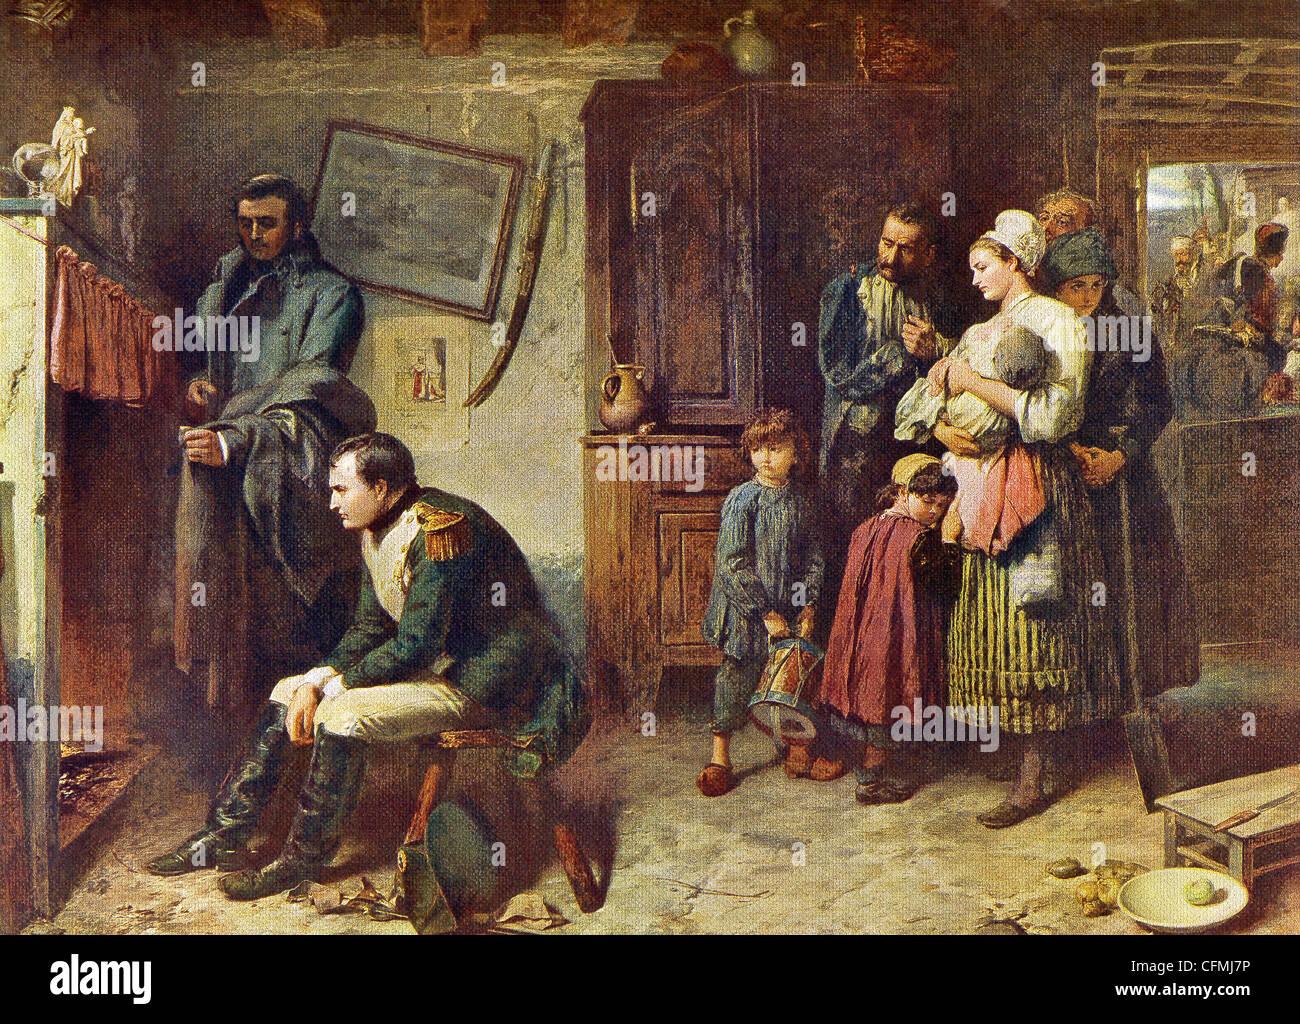 Napoleón se muestra aquí en la casa de un campesino tras ser derrotados en la batalla de Waterloo. Imagen De Stock